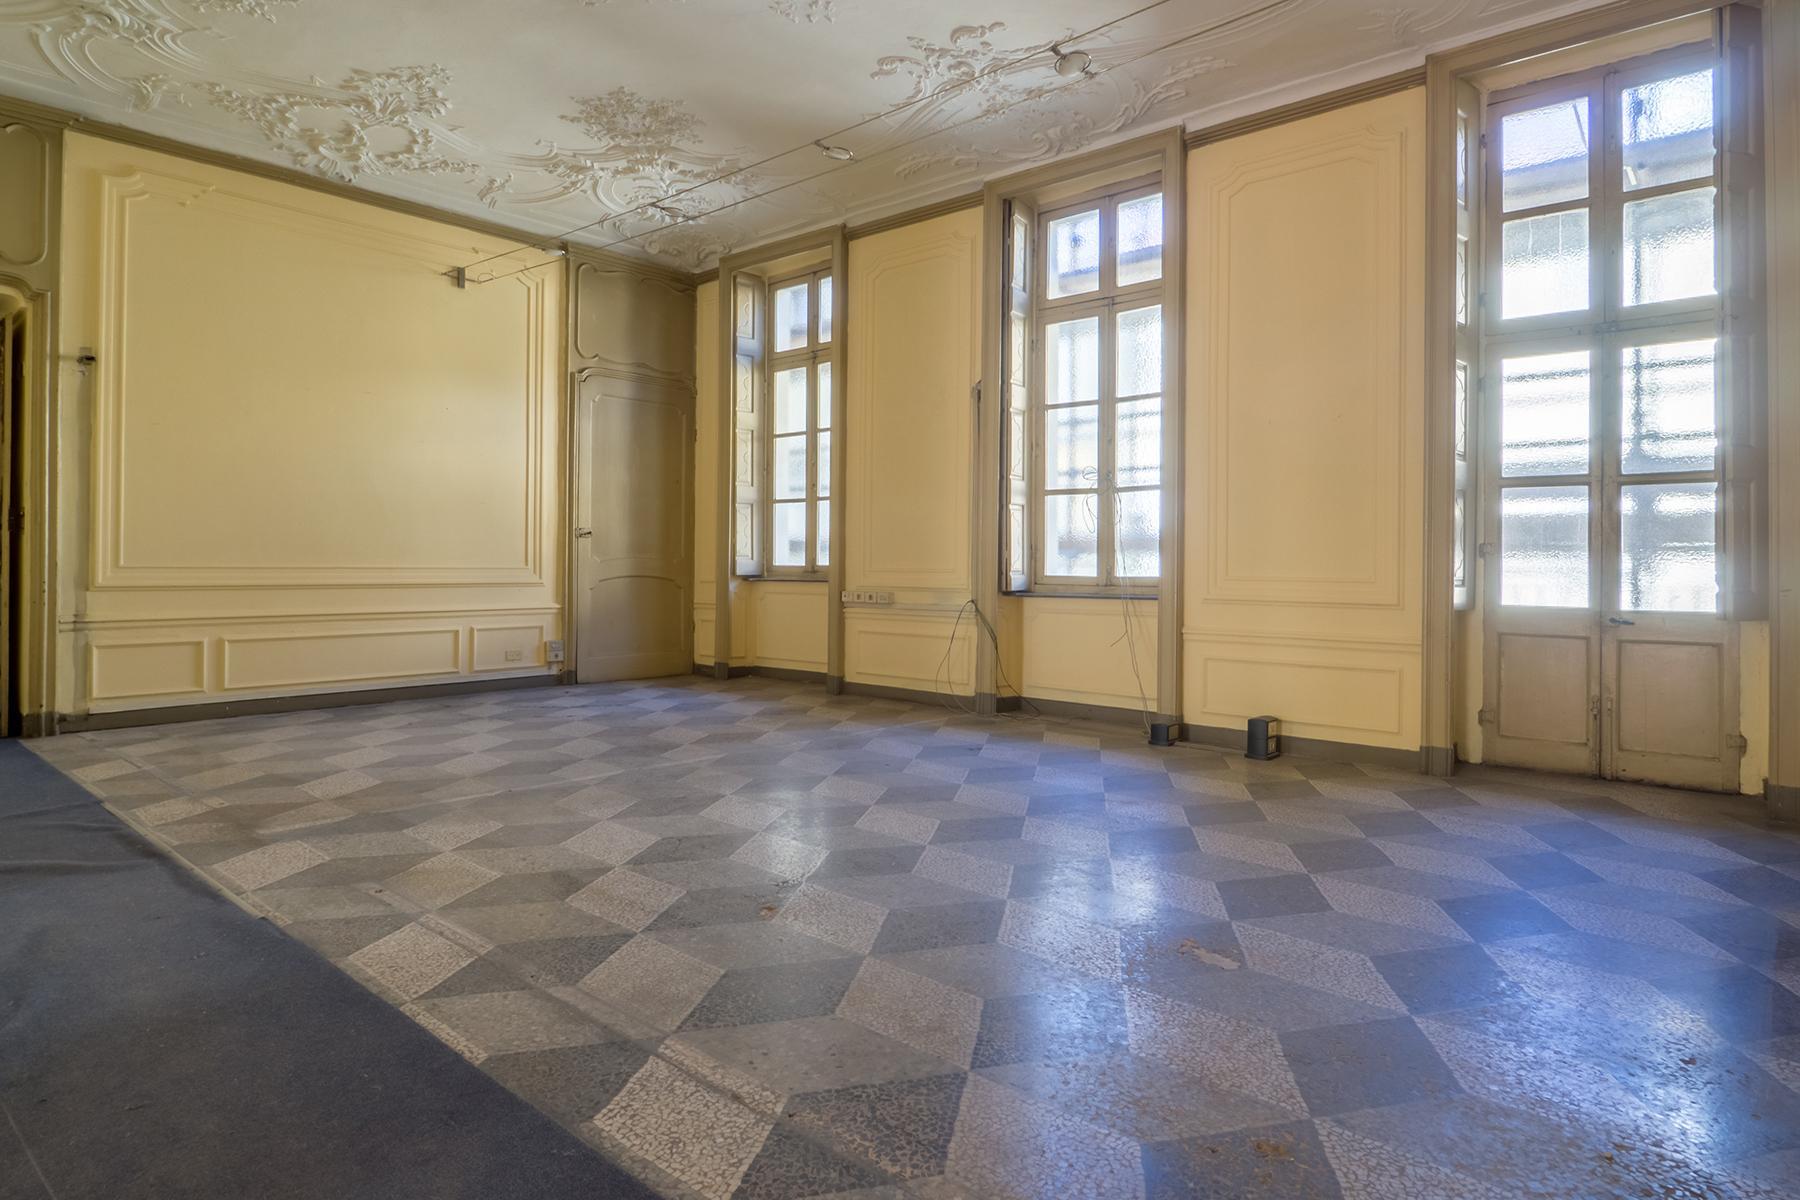 Ufficio di alta rappresentanza nel centro storico di Torino - 5